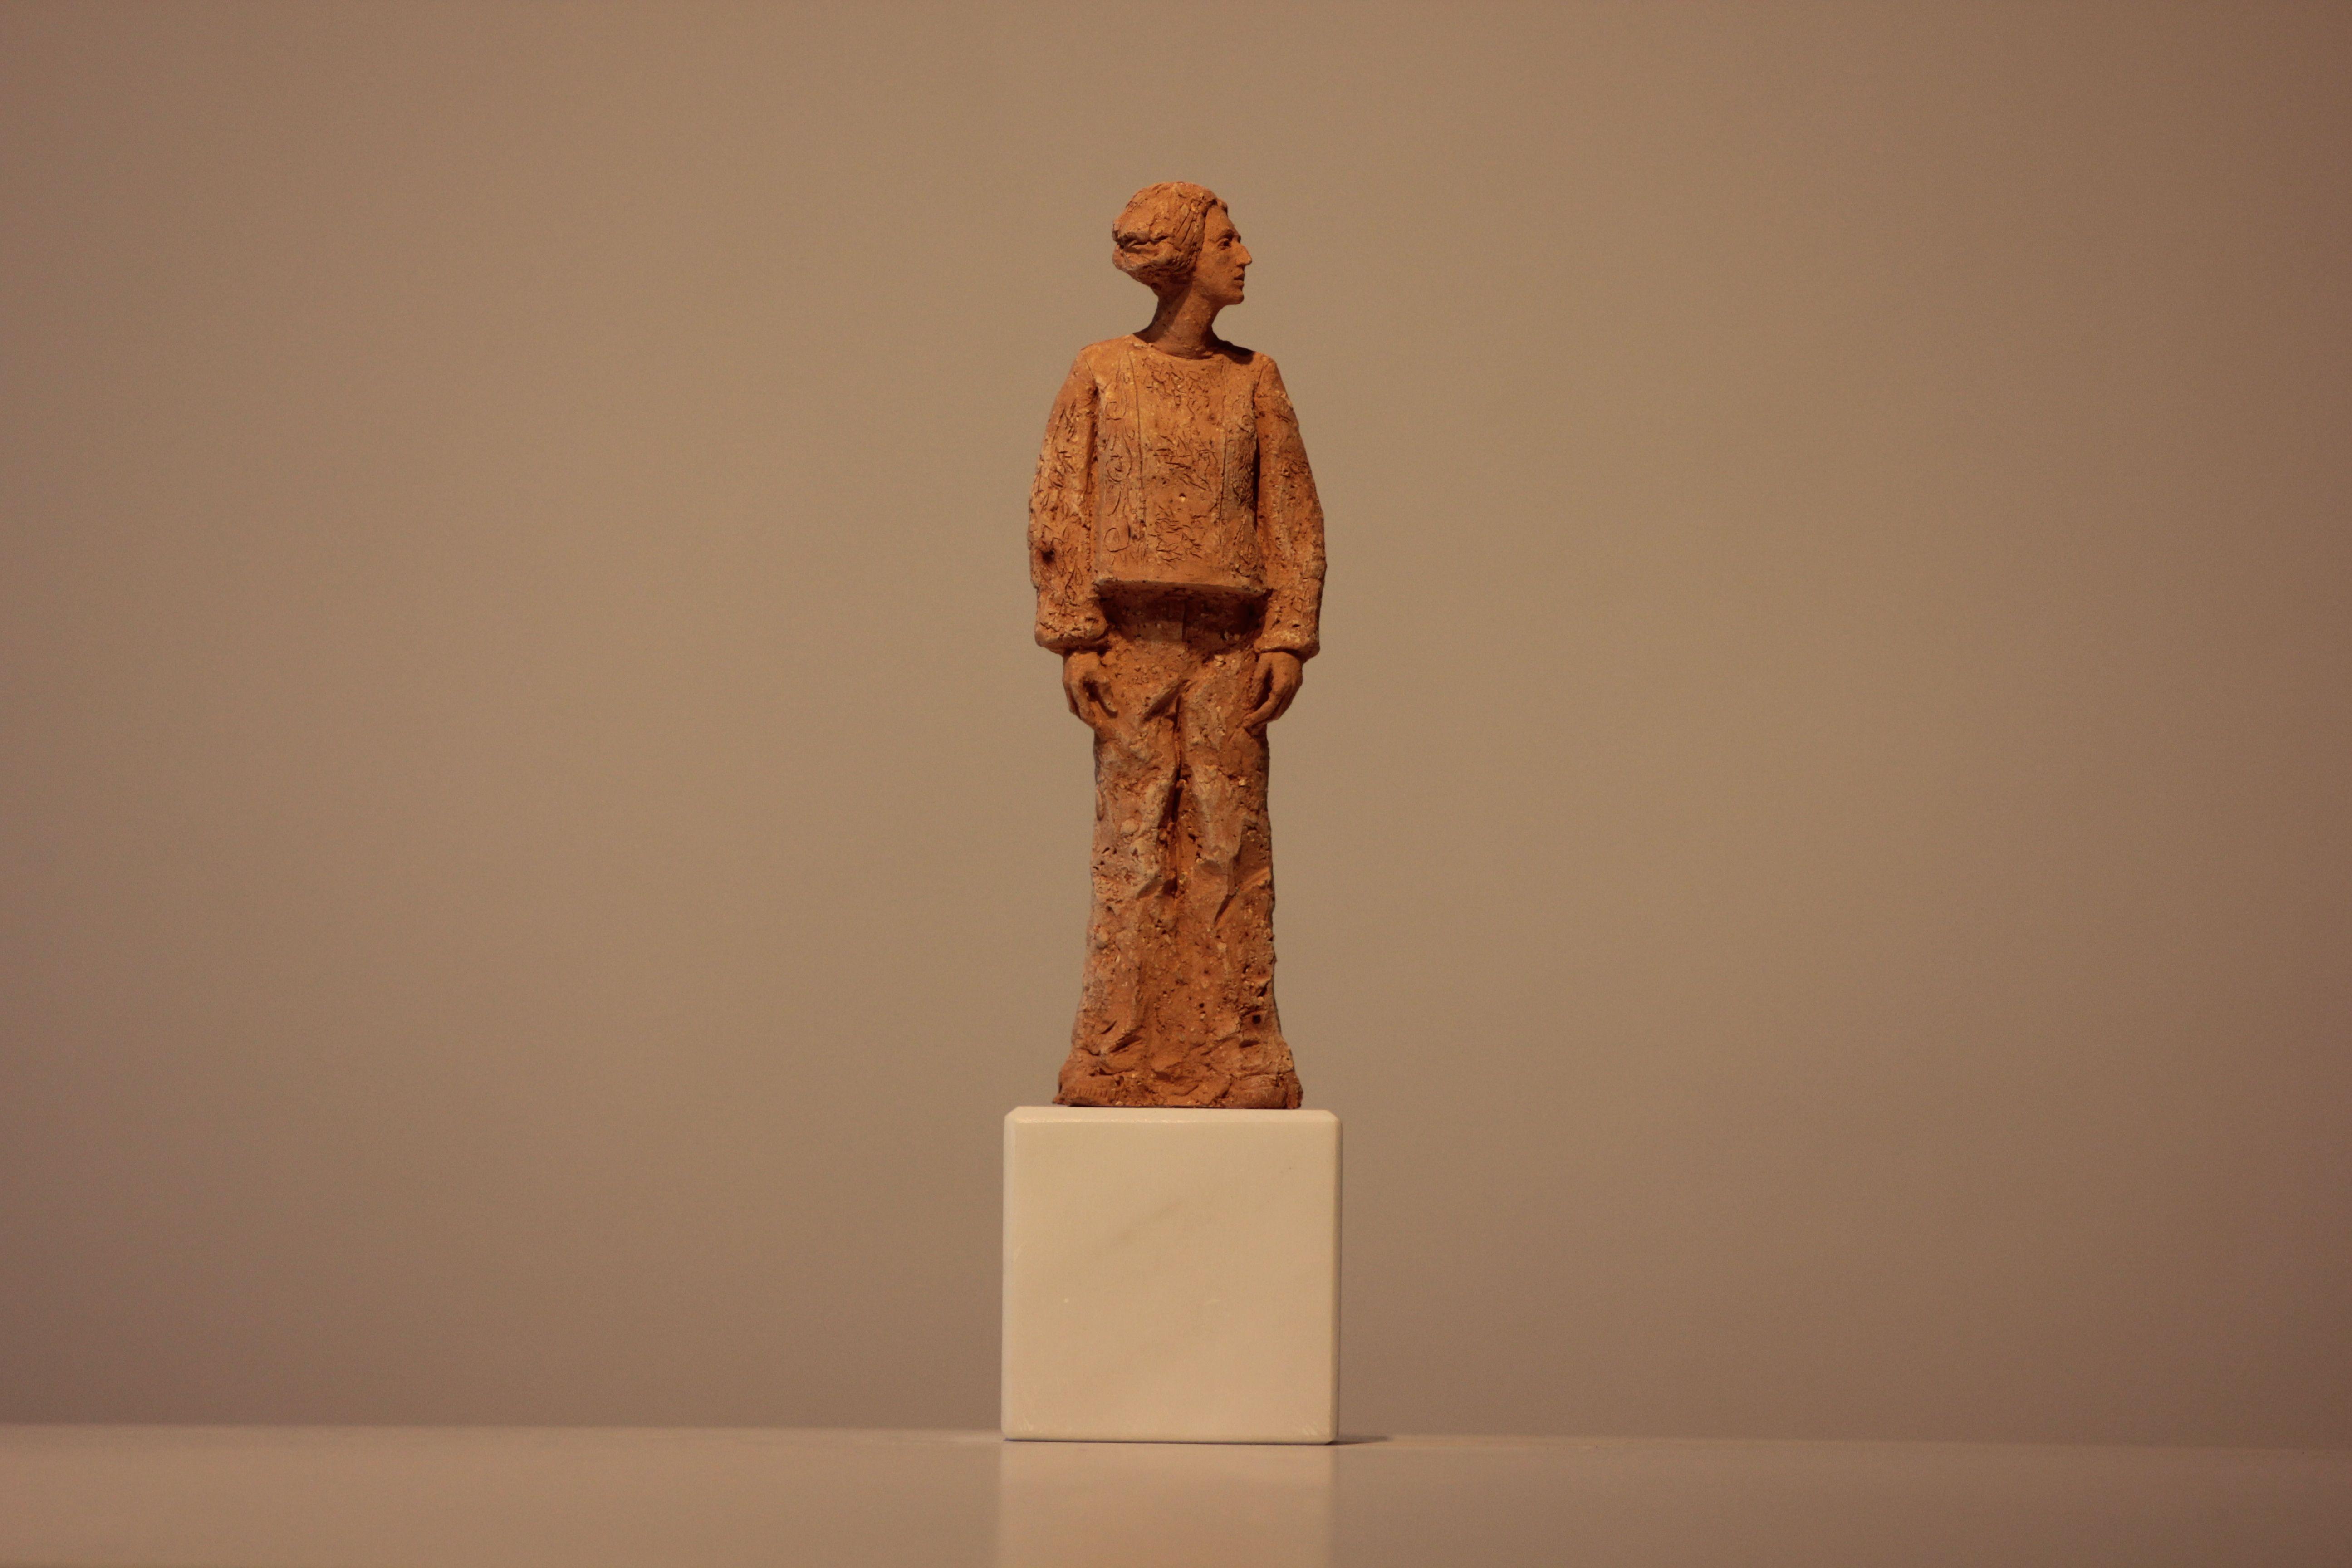 Денис Шиманський. БУМ 1, 2015; кераміка (шамот), мармур